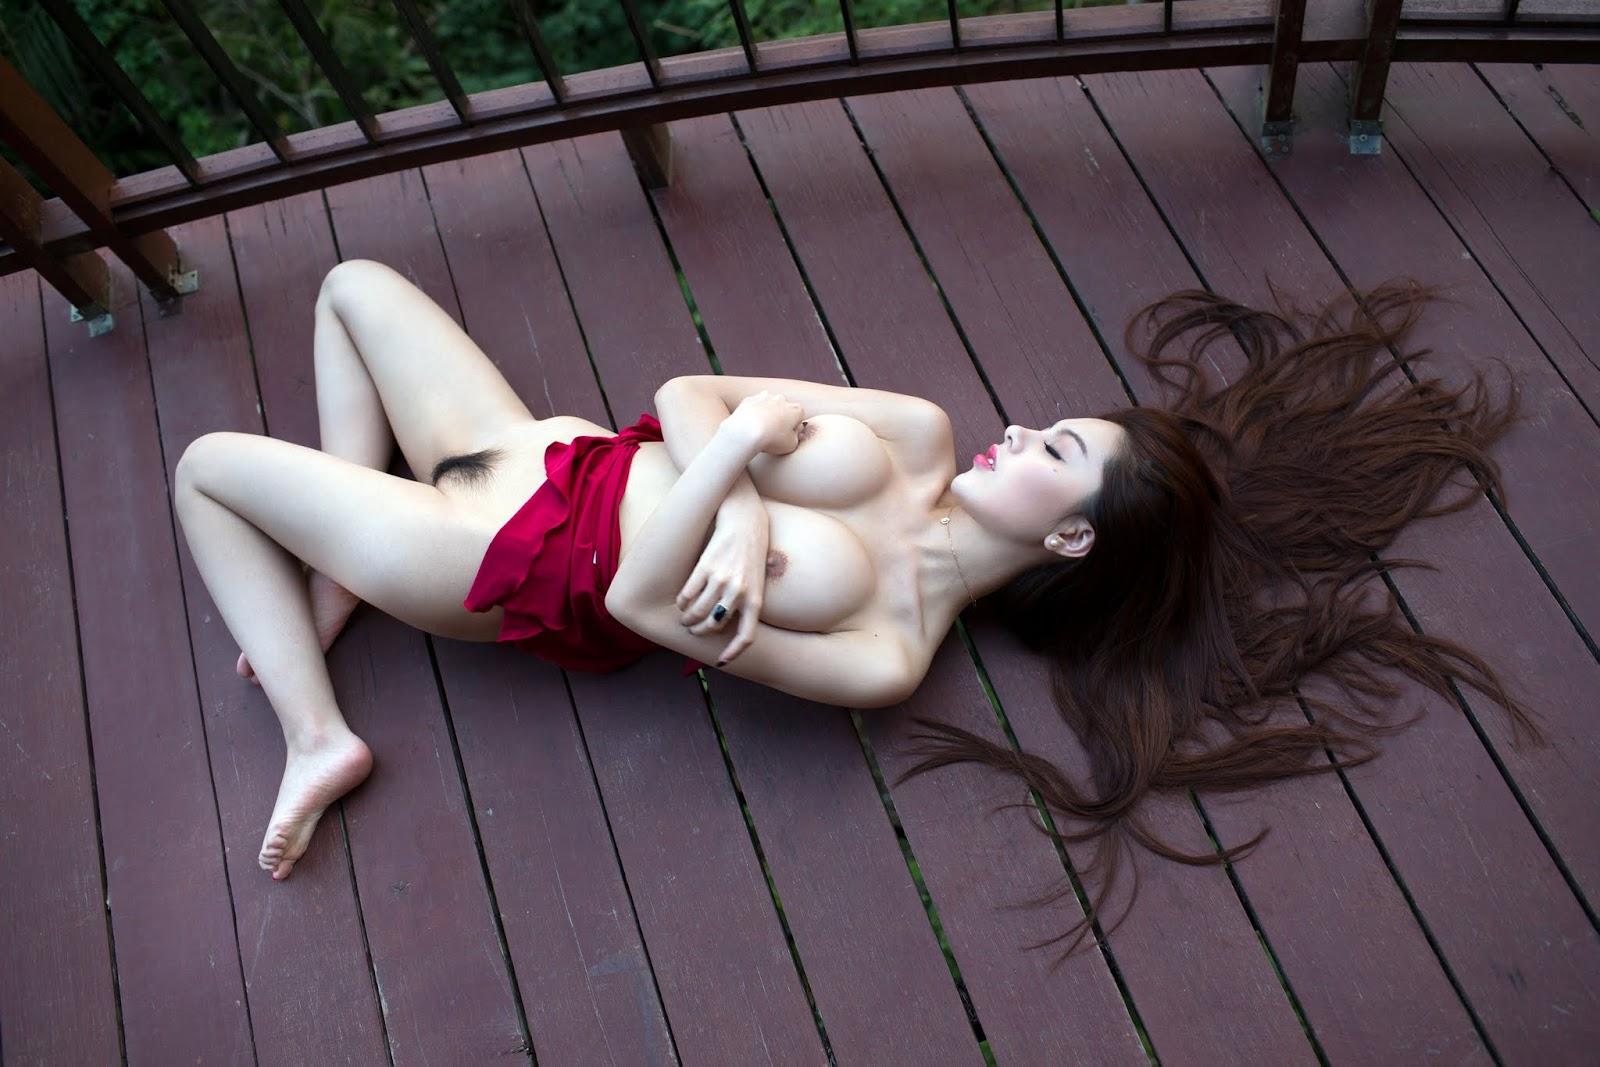 %252B%252B%252B%25C2%25AC %252B 54 - Naked Nude Girl TUIGIRL NO.51 Model